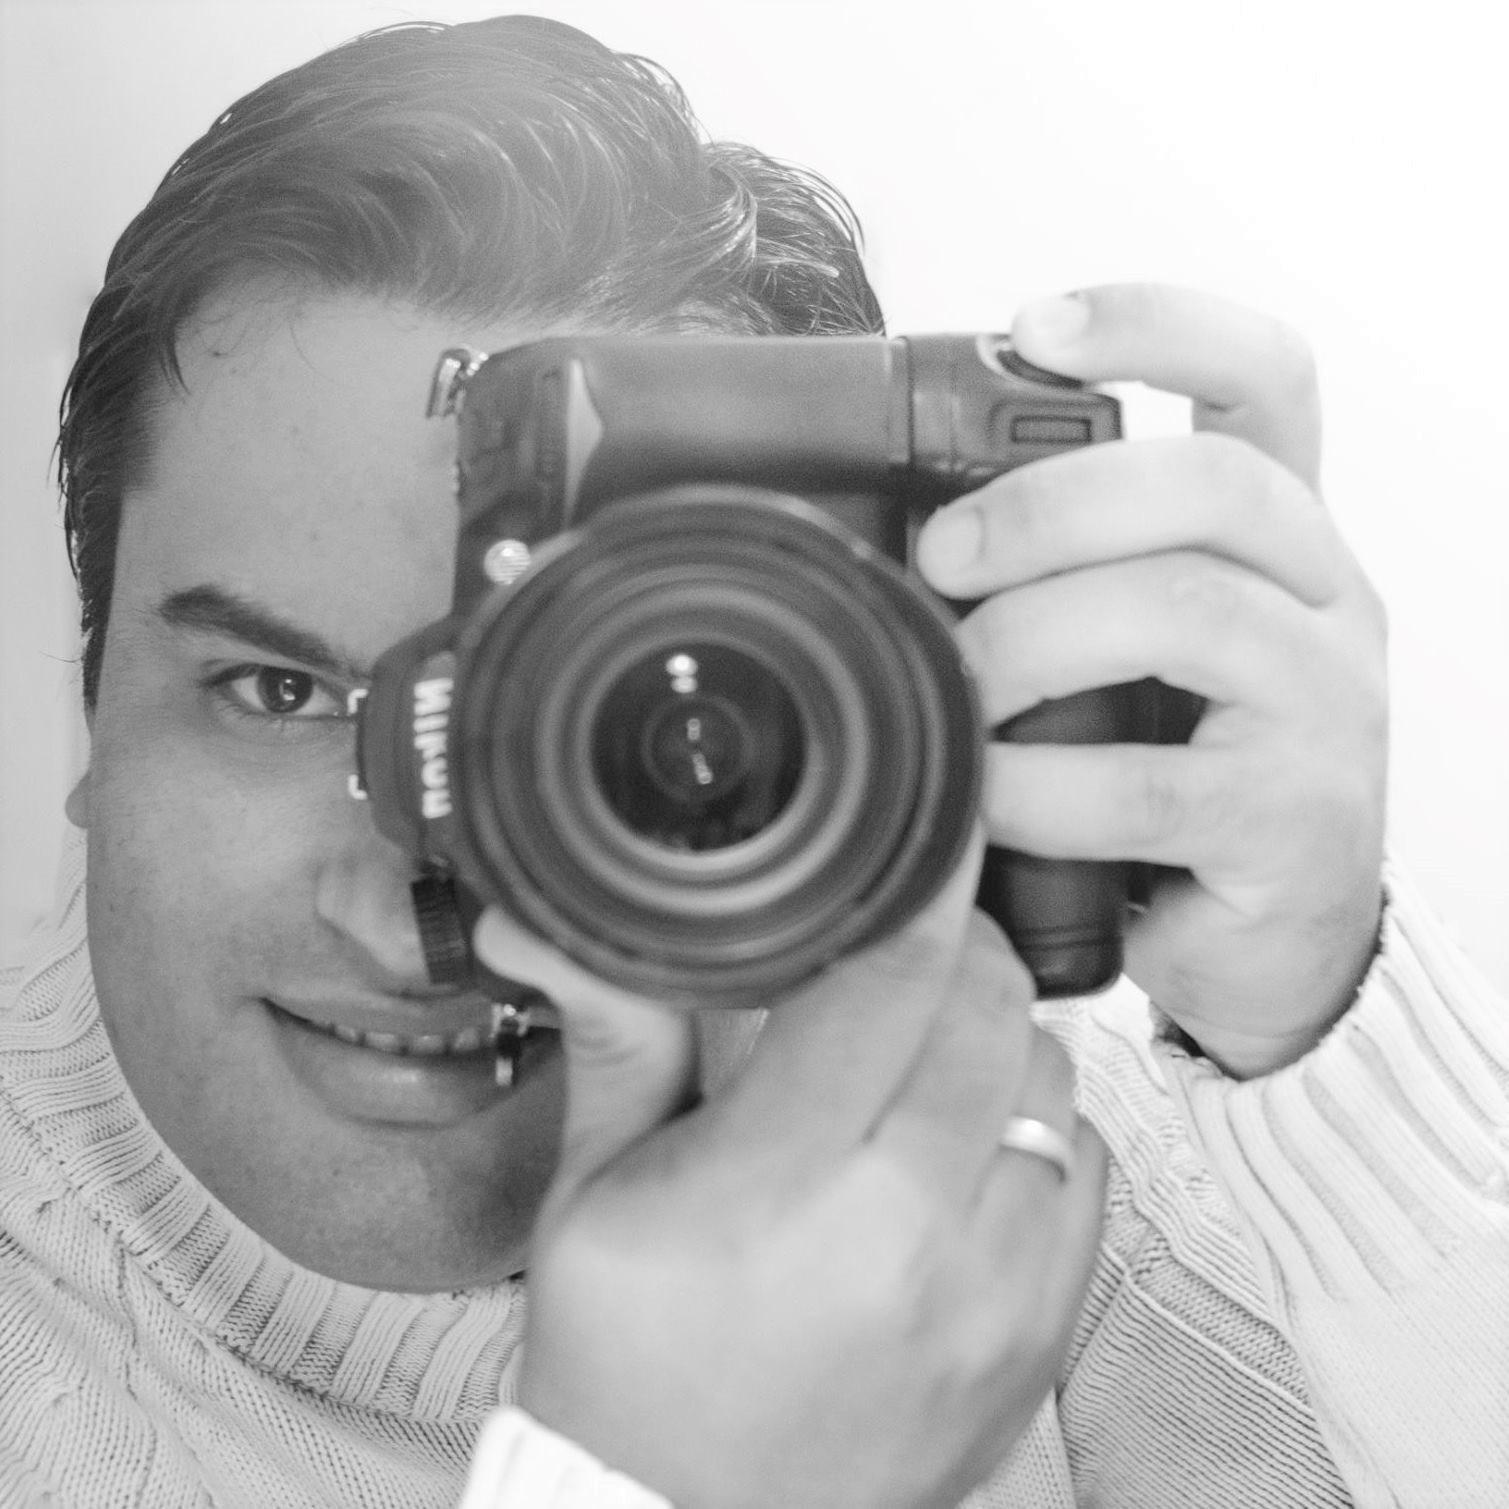 Contate Fotógrafo de Casamentos, gestantes e famílias - Lages/SC